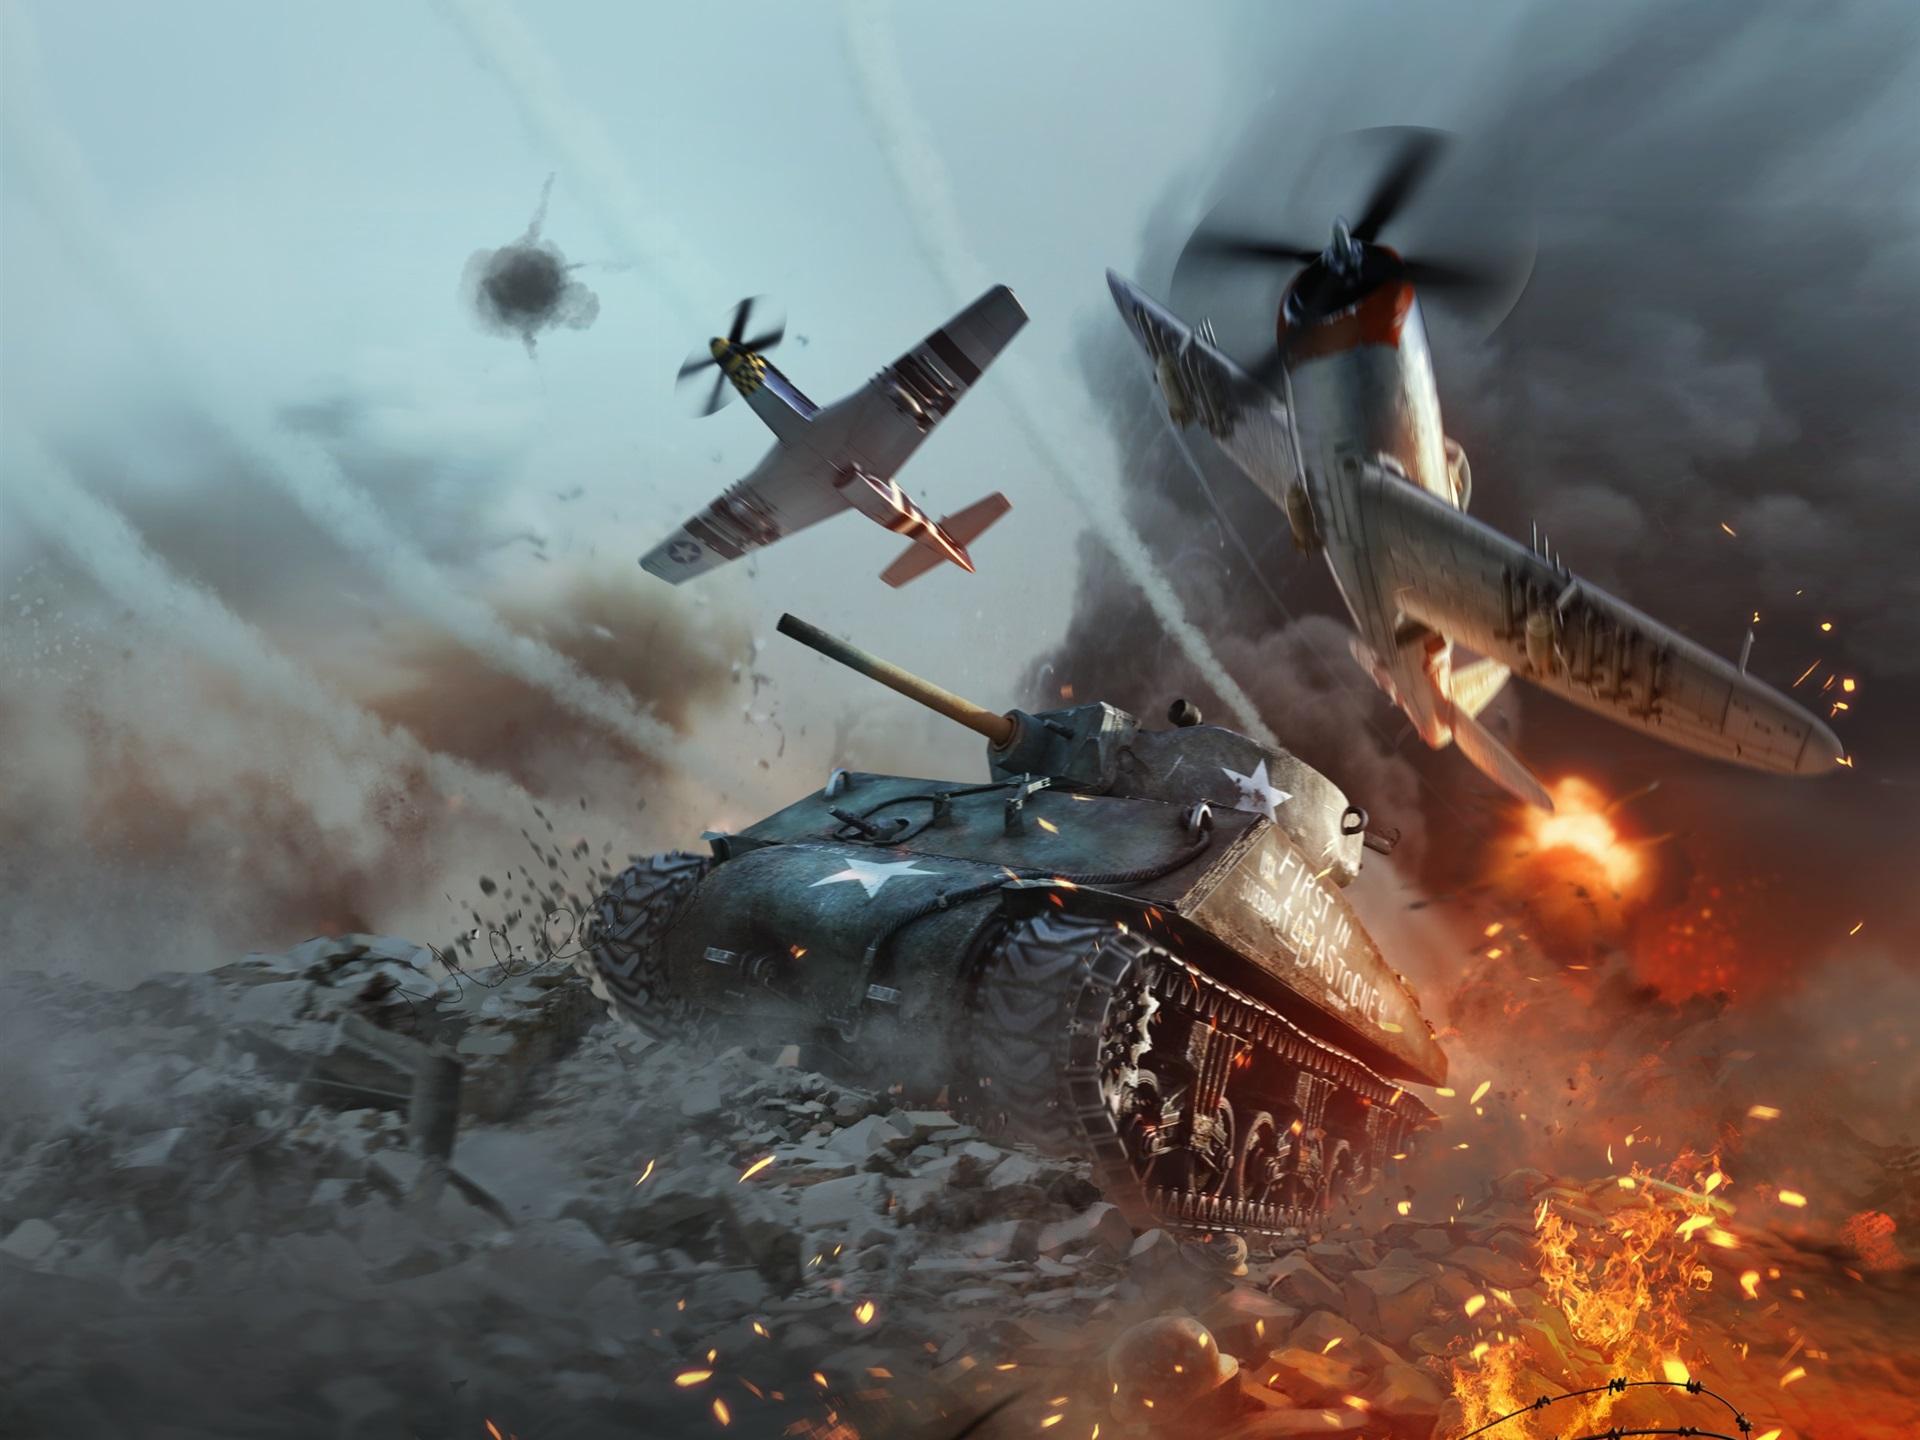 Fondos De Pantalla War Thunder Tanque Y Luchador Batalla